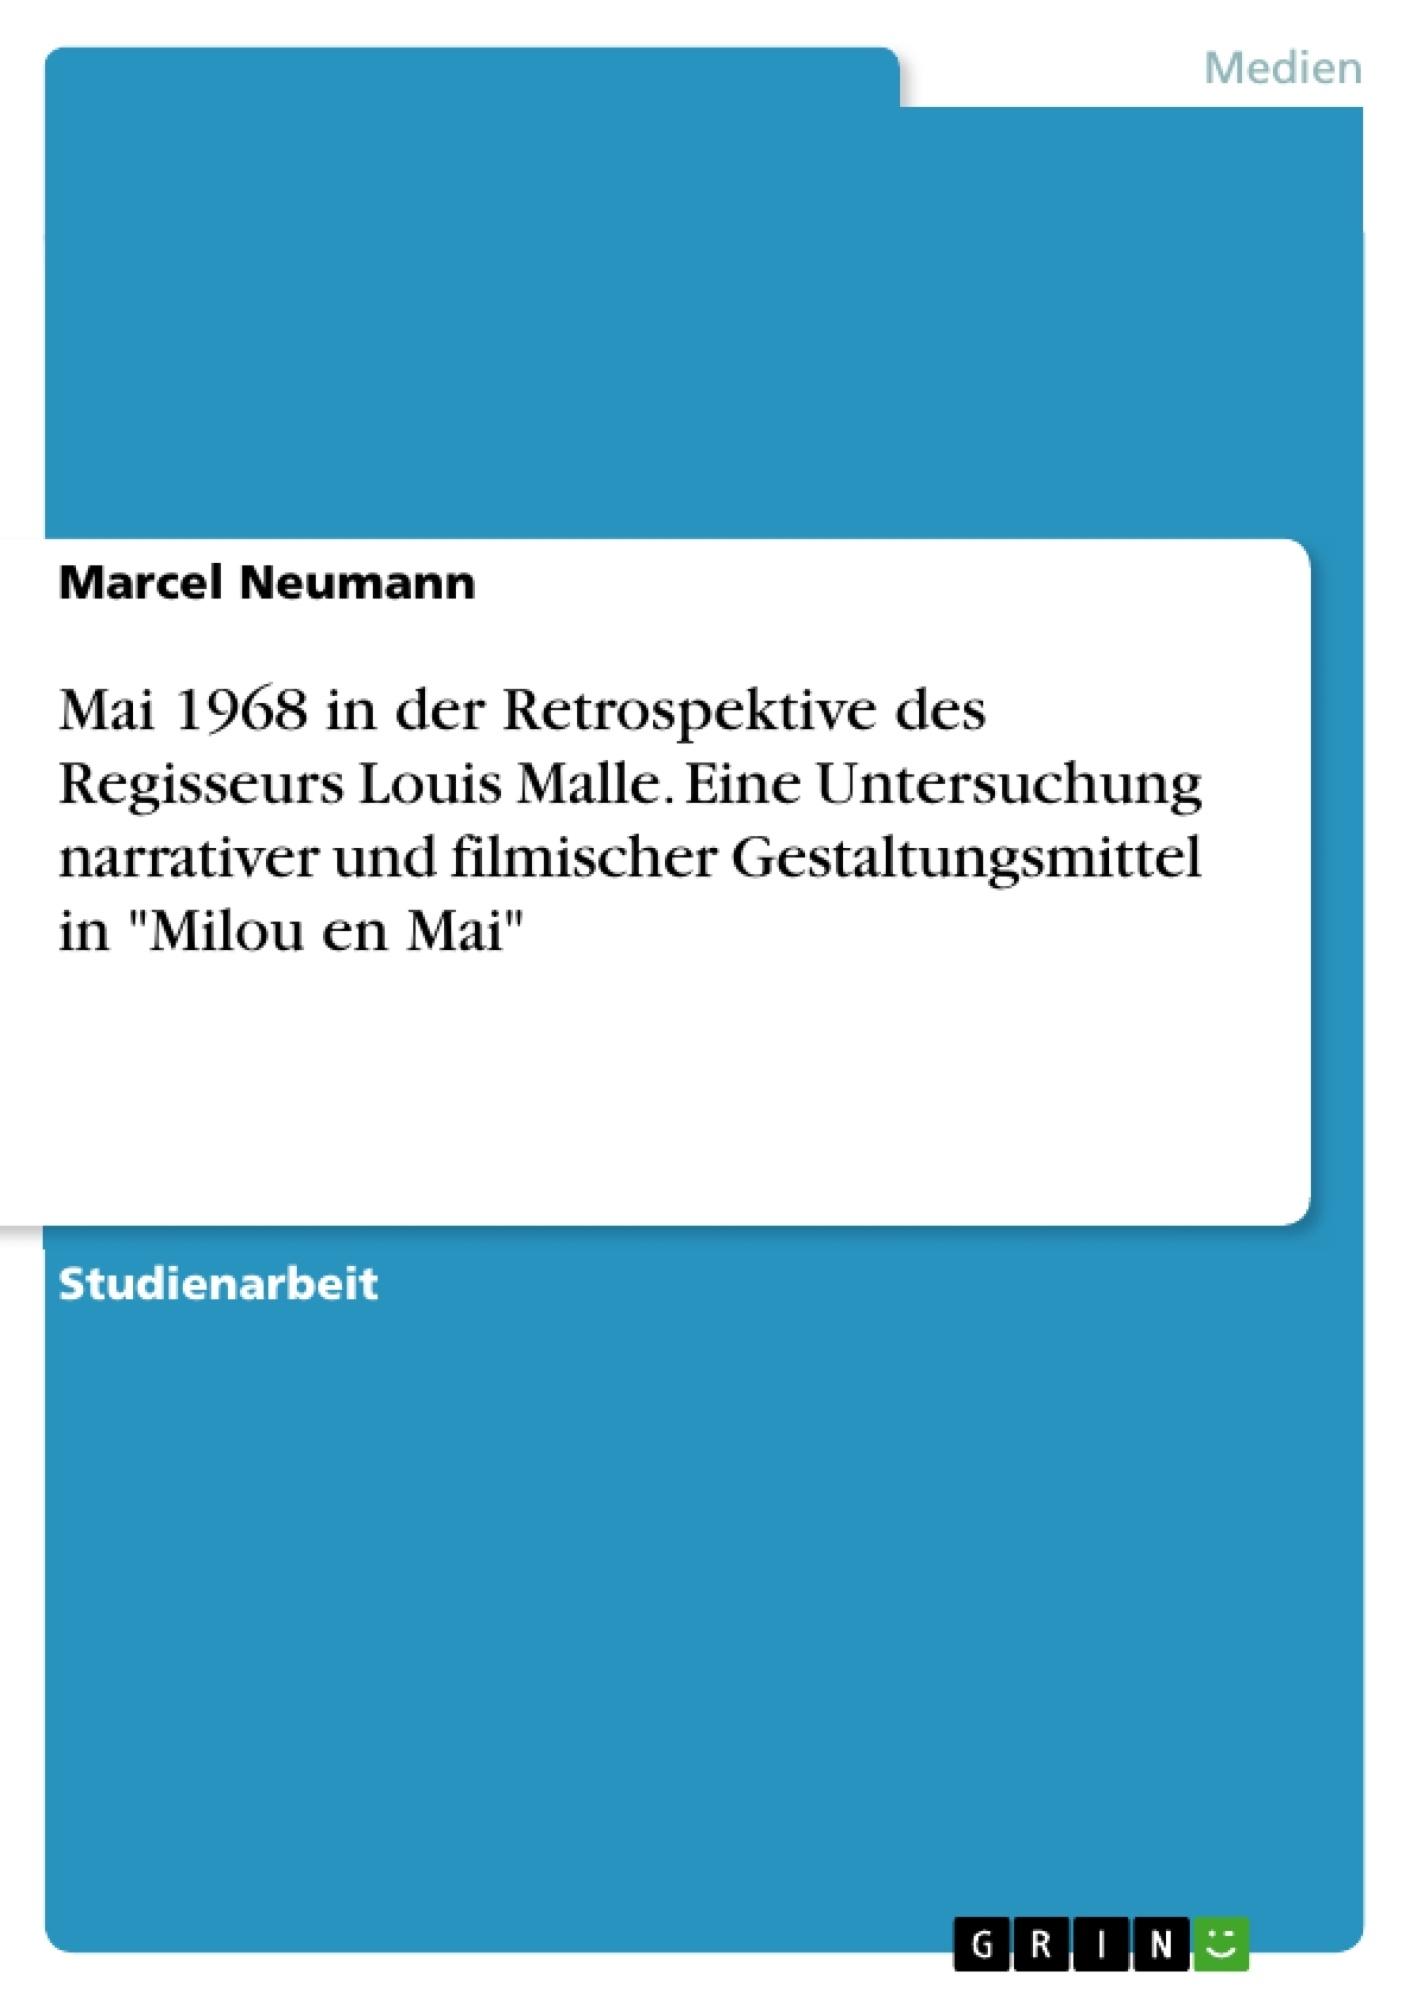 """Titel: Mai 1968 in der Retrospektive des Regisseurs Louis Malle. Eine Untersuchung narrativer und filmischer Gestaltungsmittel in """"Milou en Mai"""""""